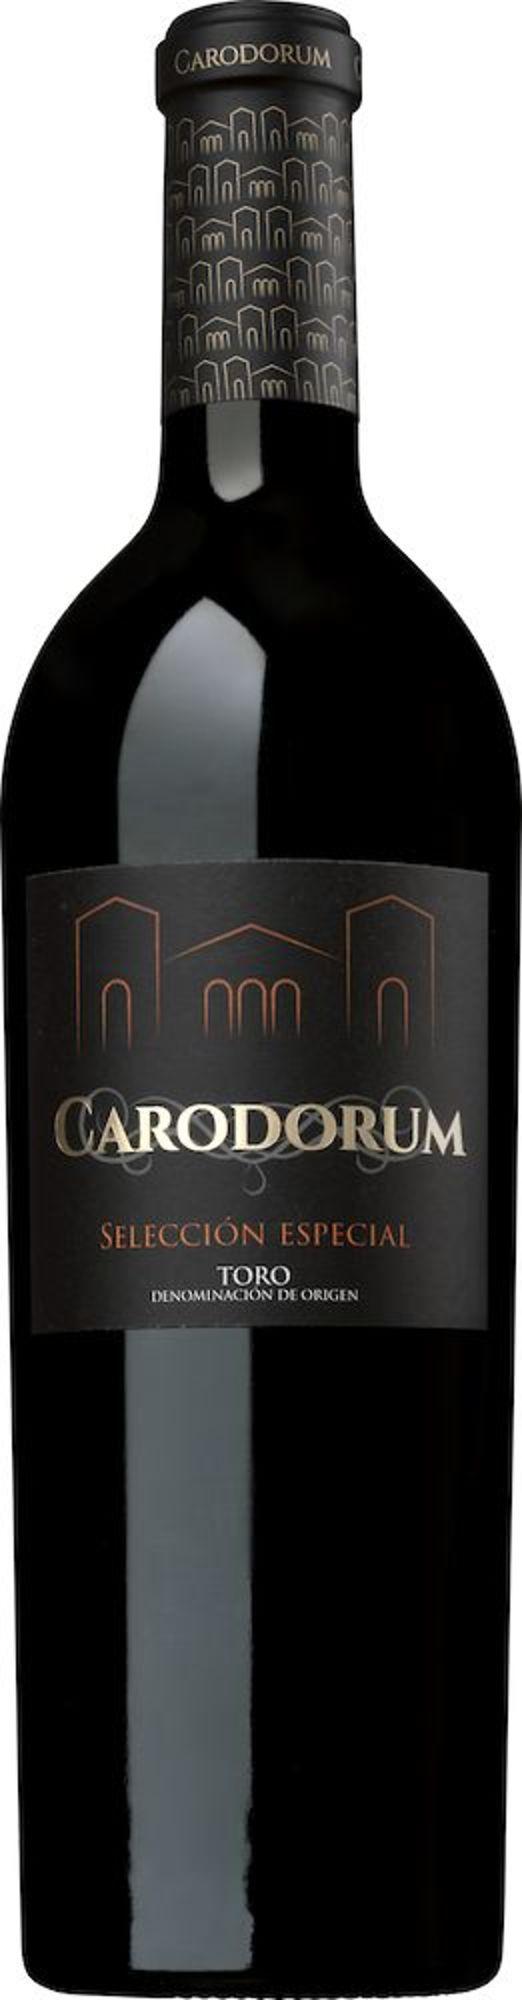 Produktbild på Carodorum